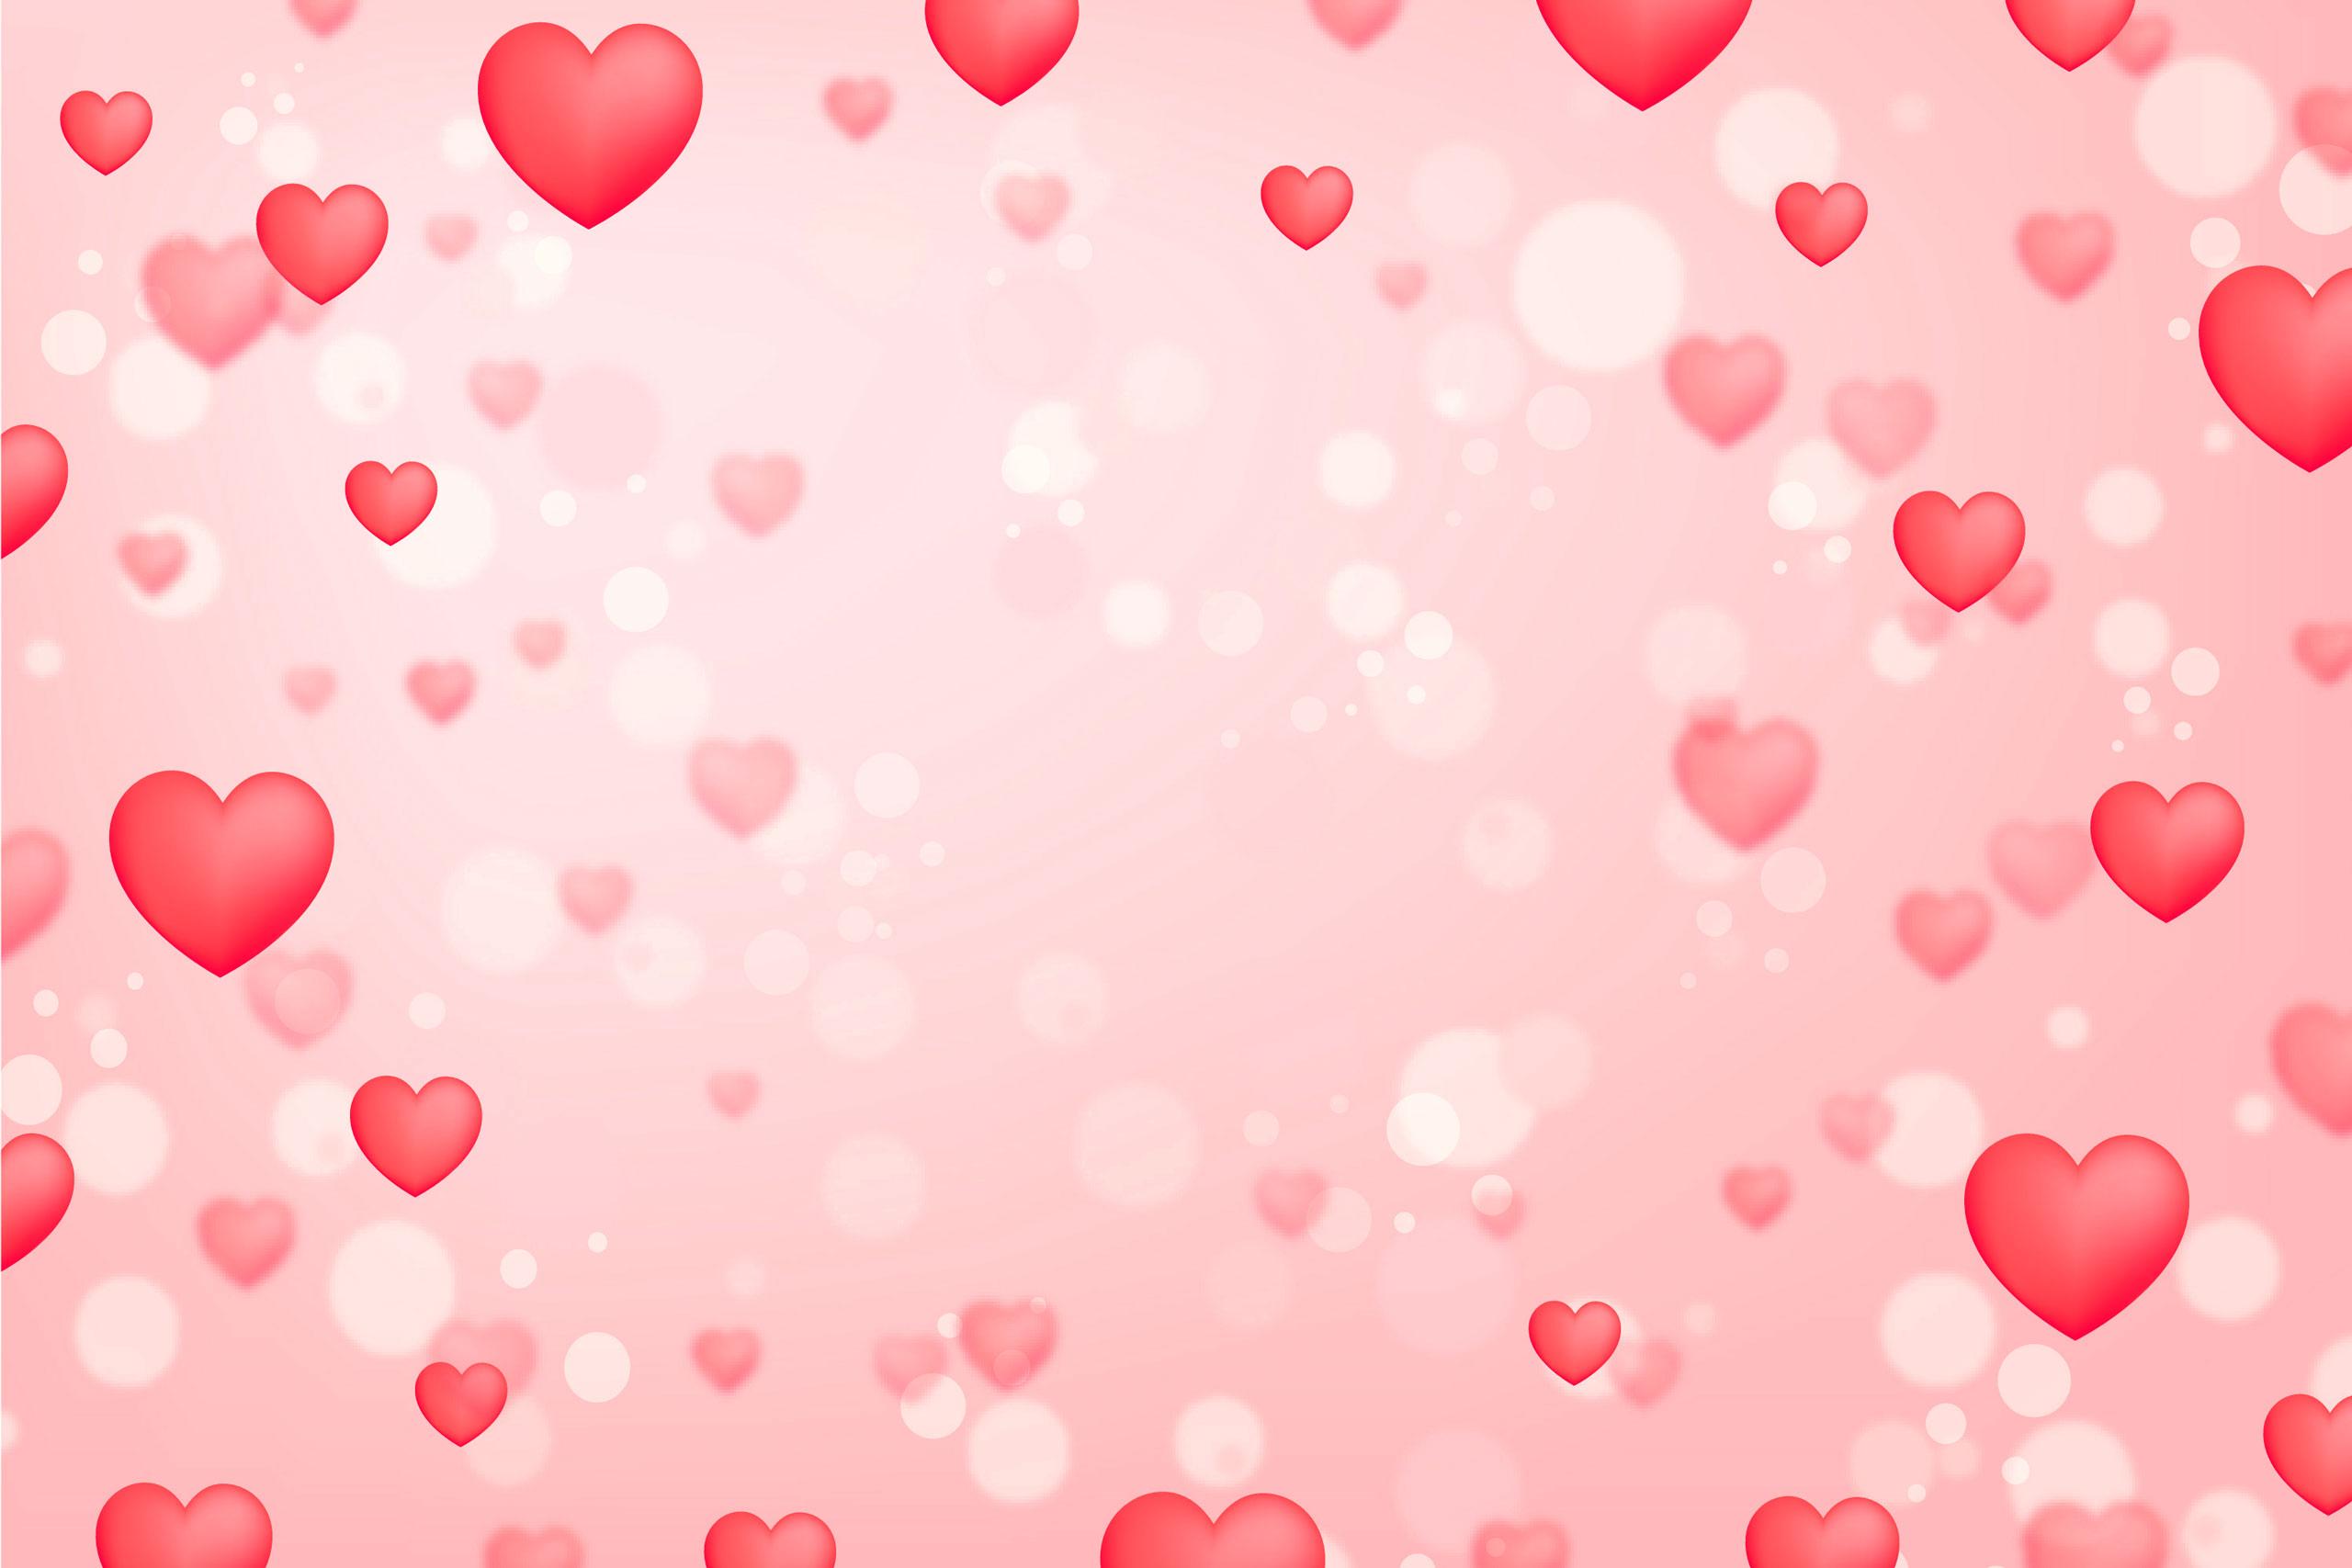 Розовый фон с красными и белыми сердечками.